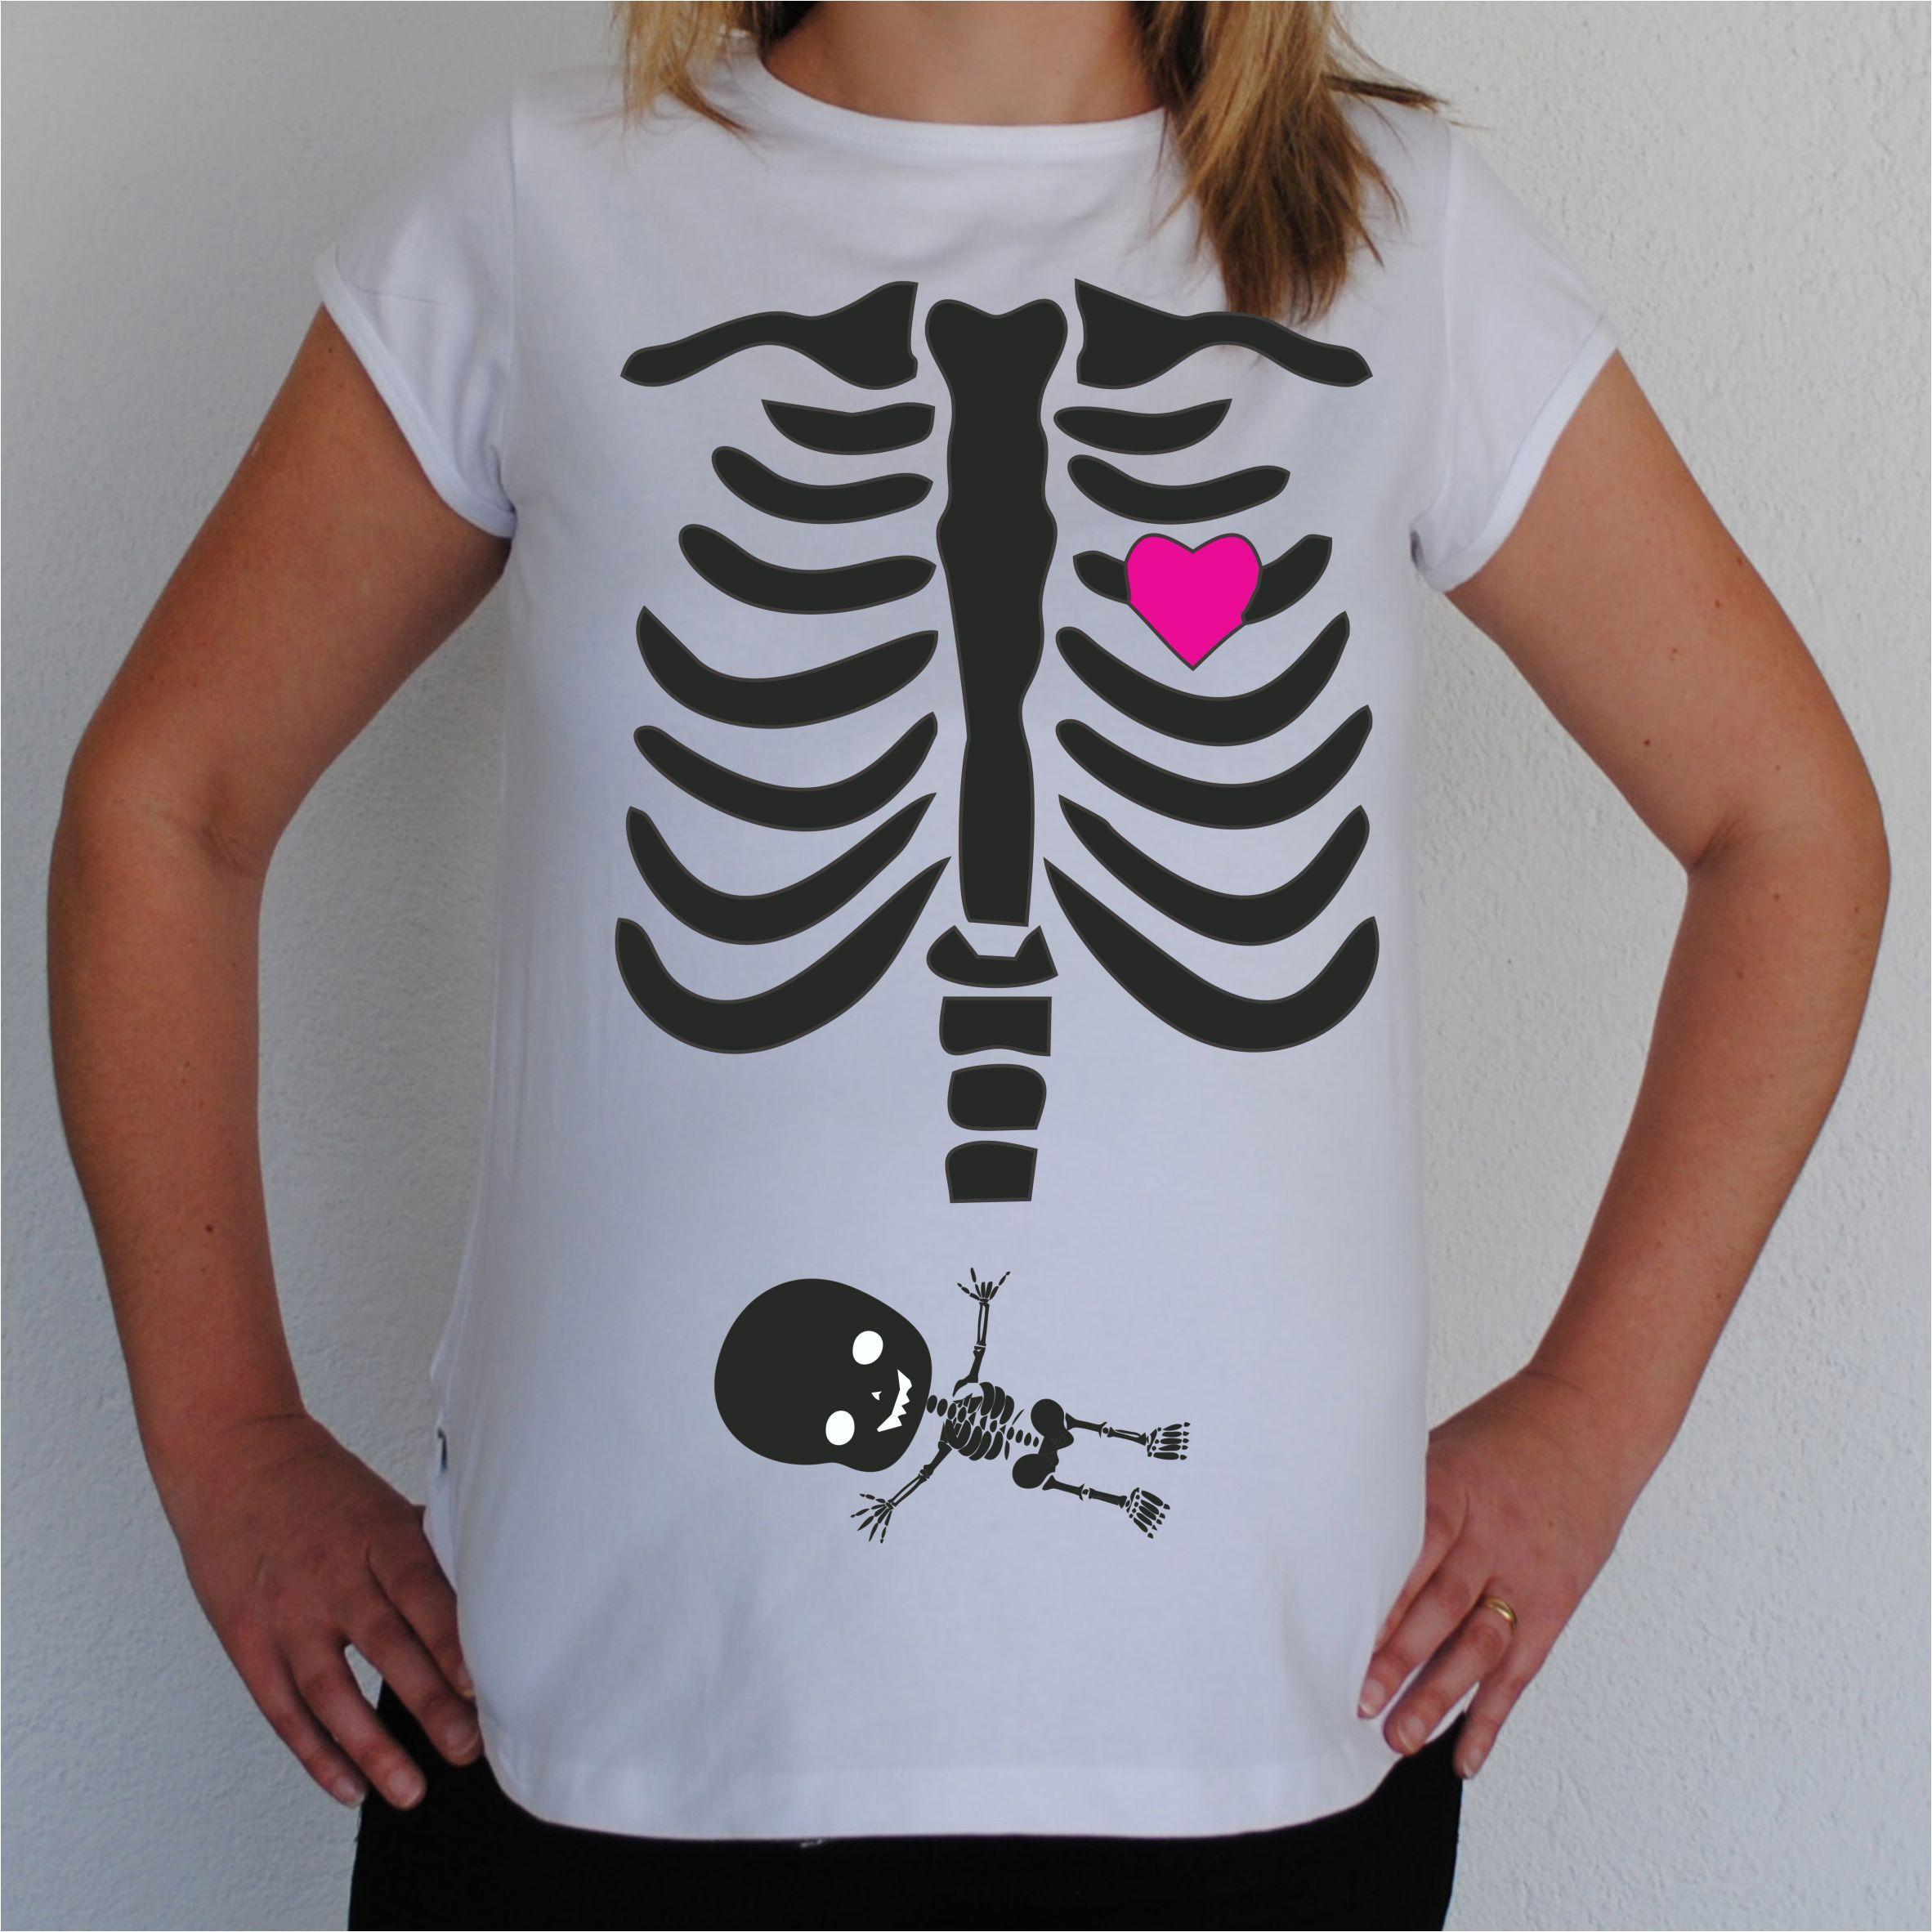 Camisetas para embarazadas divertidas - Esqueleto  05b597e9431